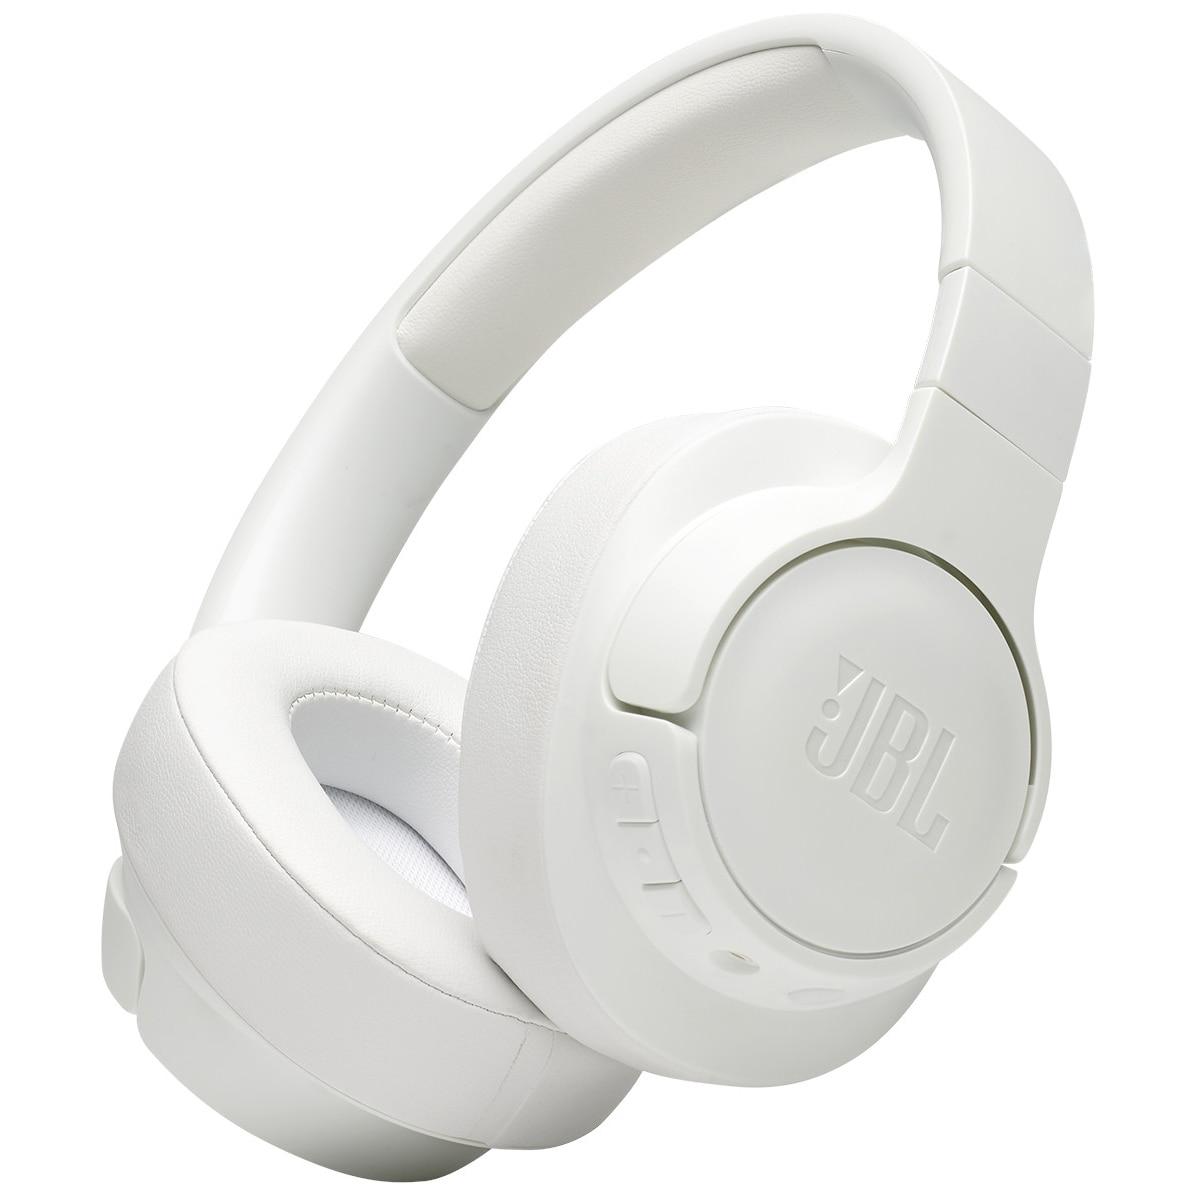 Fotografie Casti Audio Over the Ear JBL Tune 700BT, Wireless, Bluetooth, Autonomie 24 ore, Alb